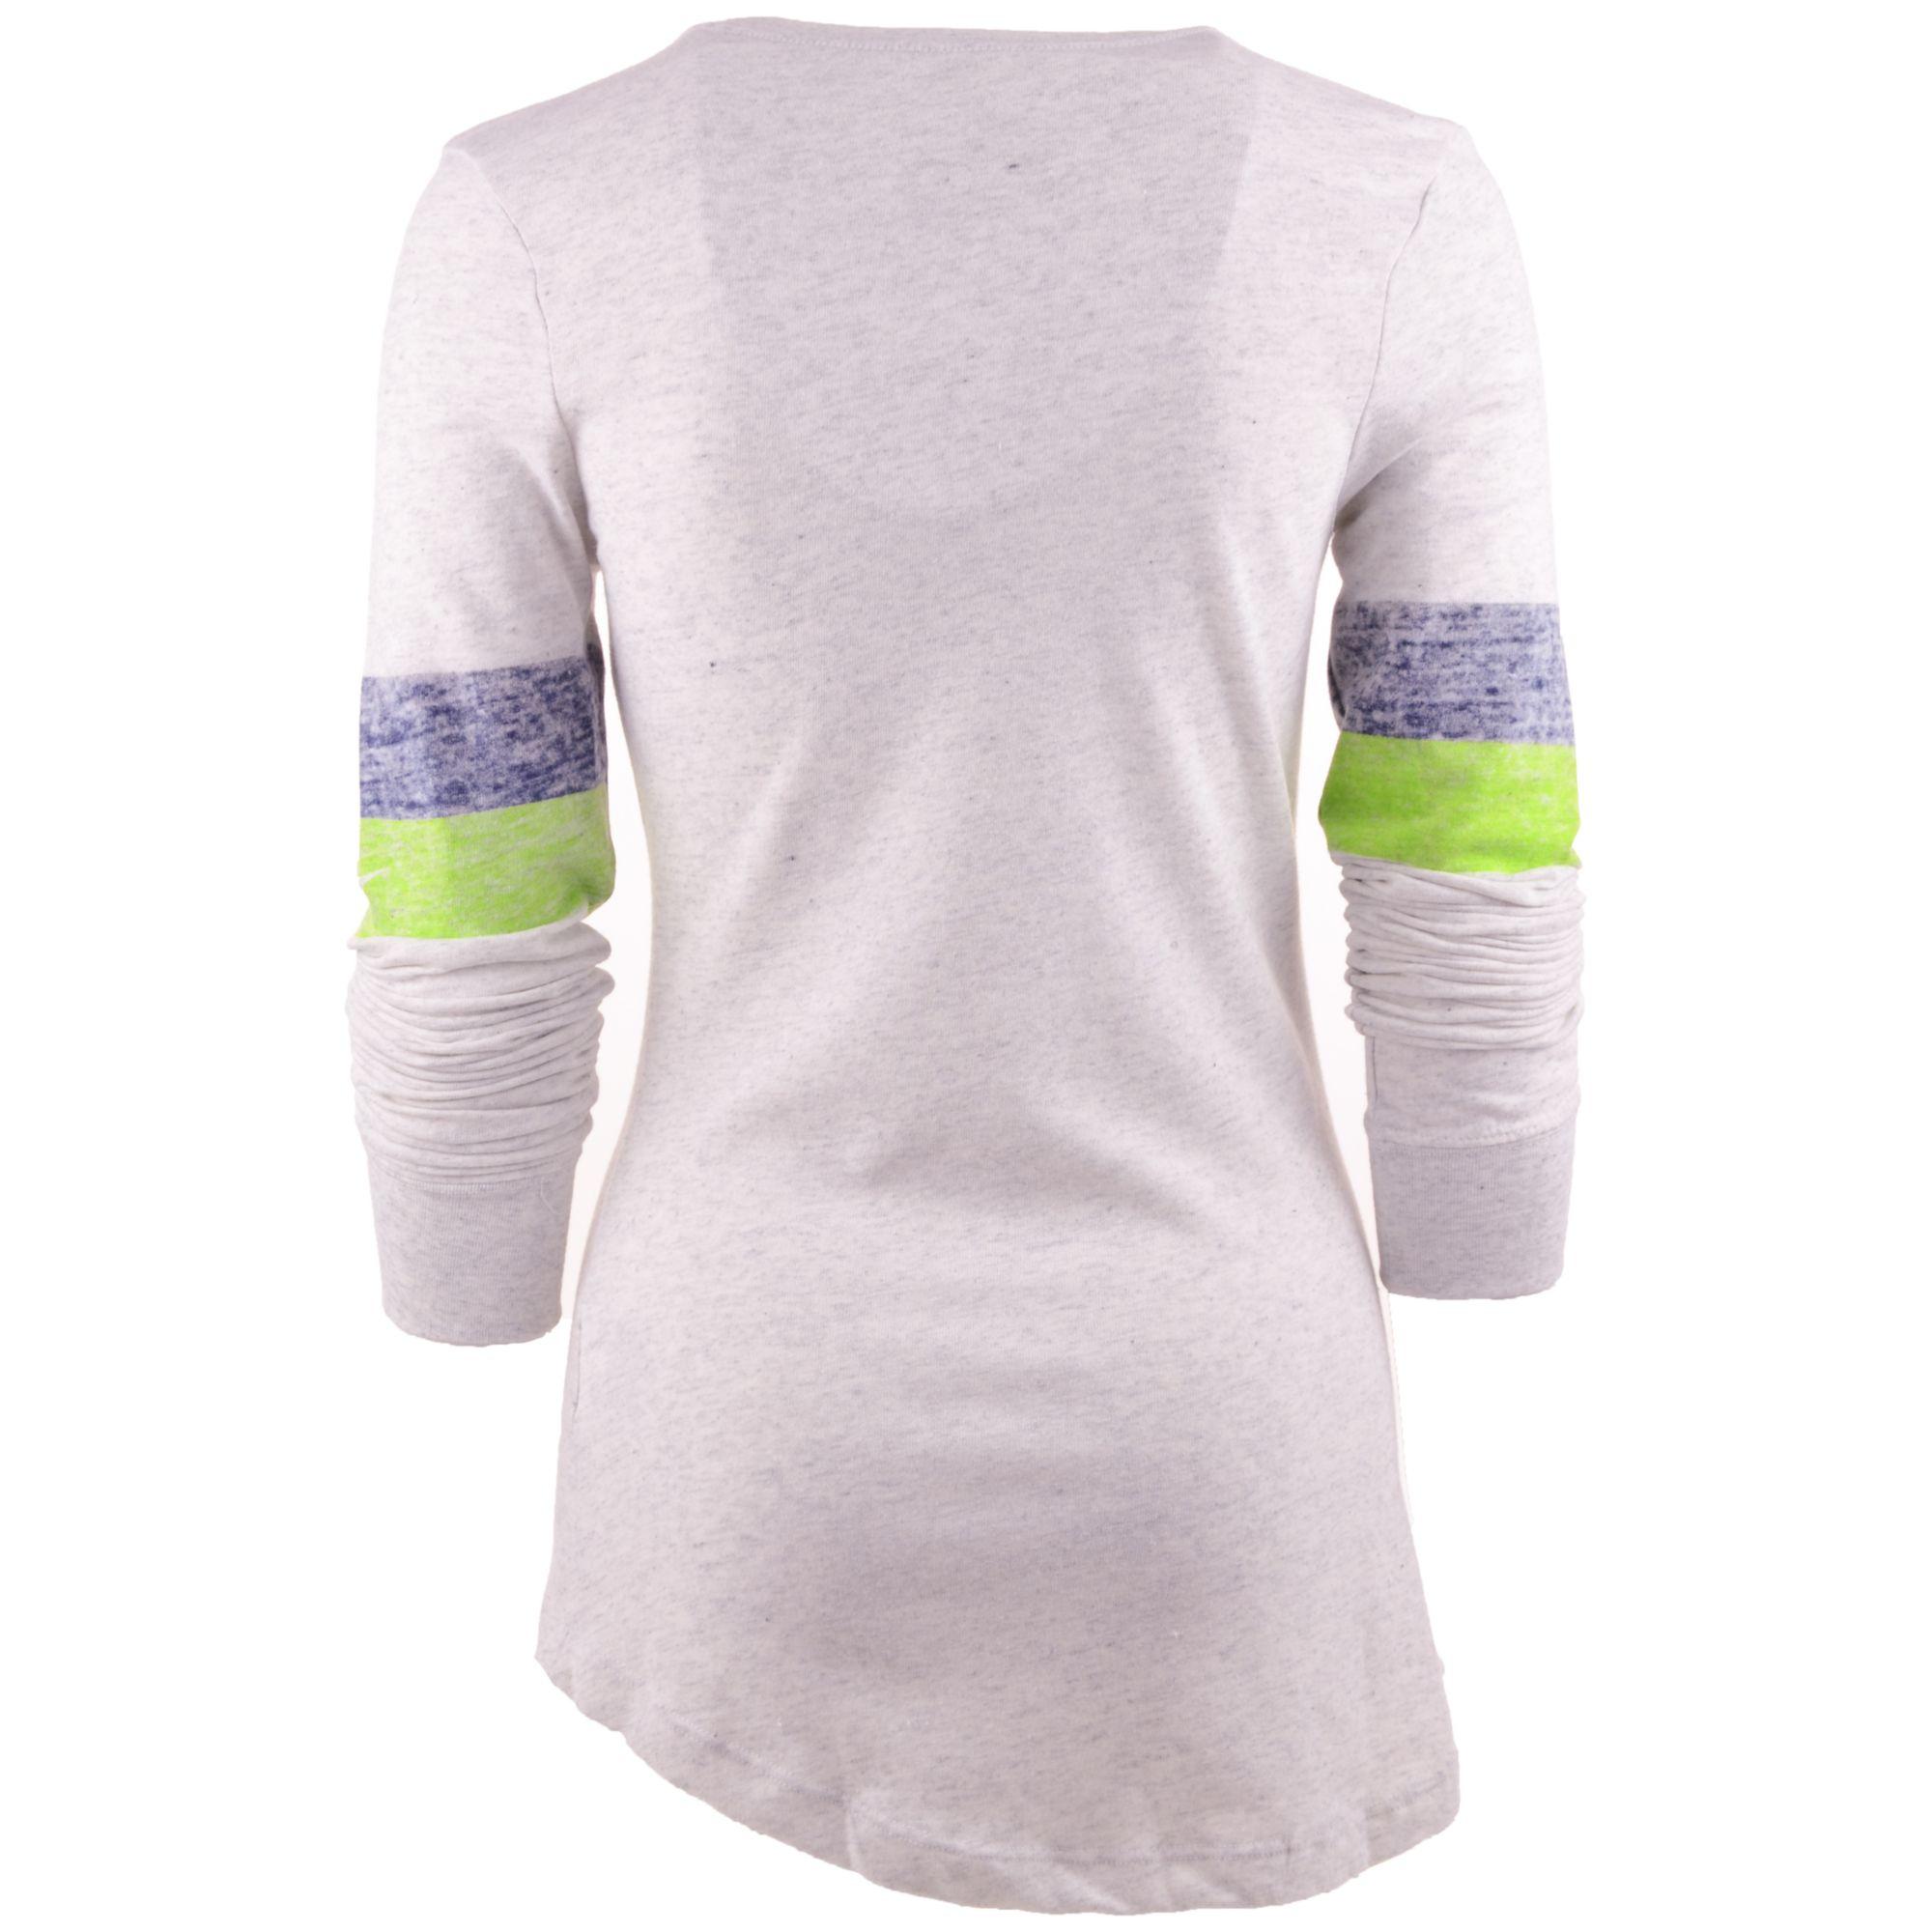 Nike womens long sleeve seattle seahawks t shirt in white for White long sleeve tee shirt womens